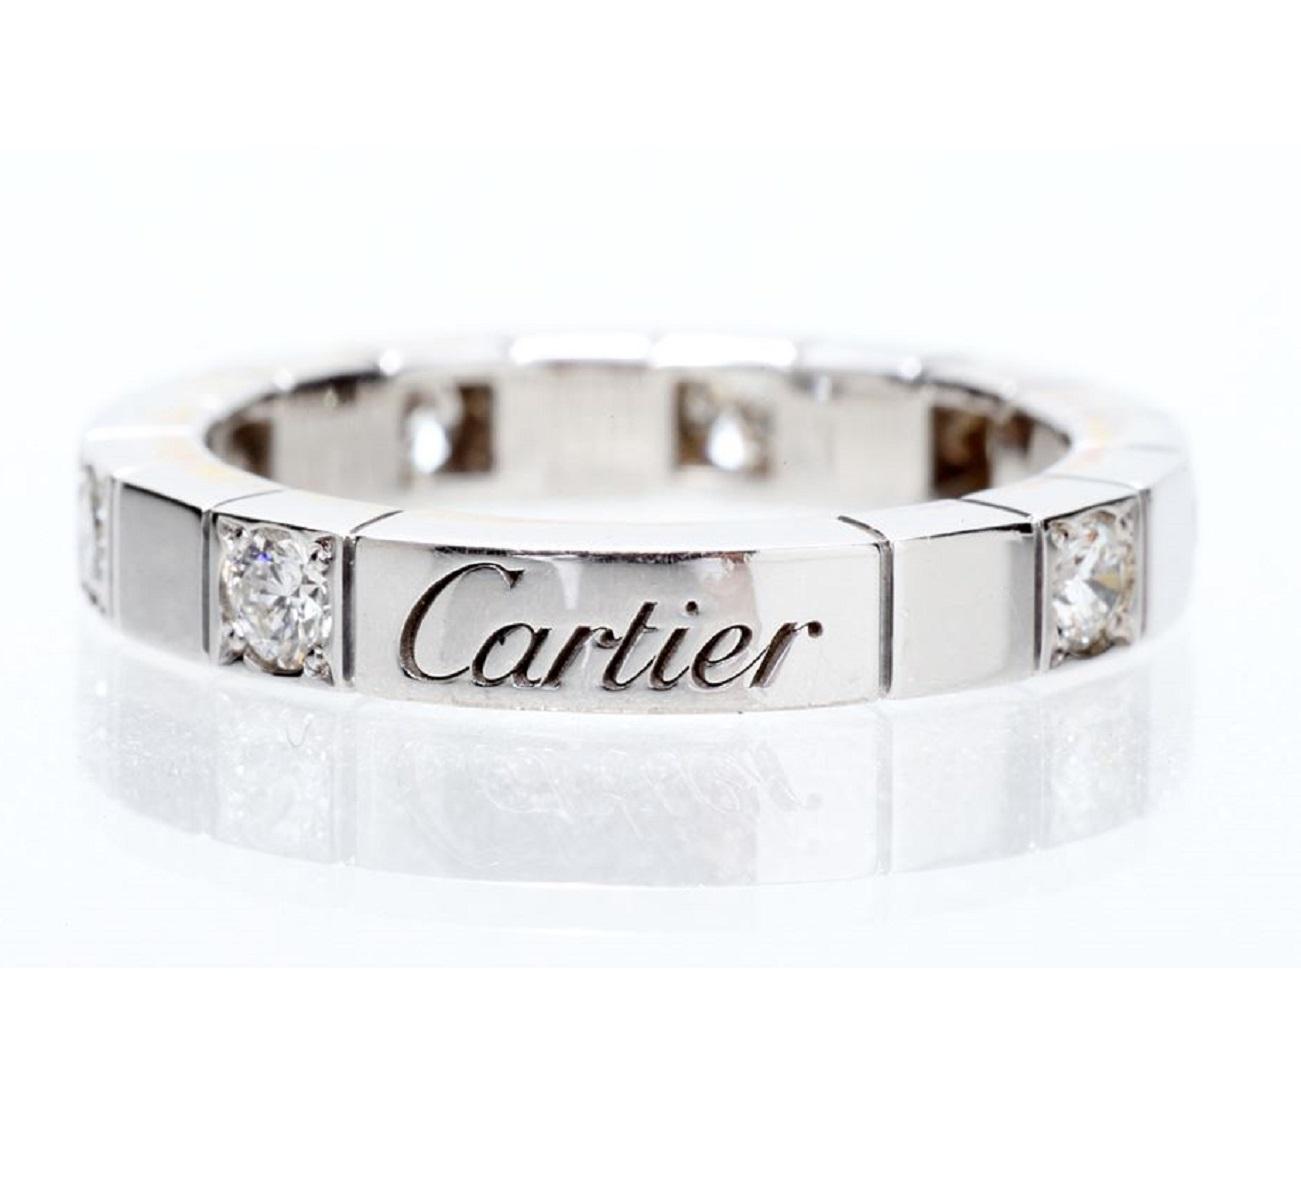 Cartier カルティエ ラニエール ハーフダイア #46 750WG ホワイトゴールド 送料無料 【トレジャースポット】【中古】